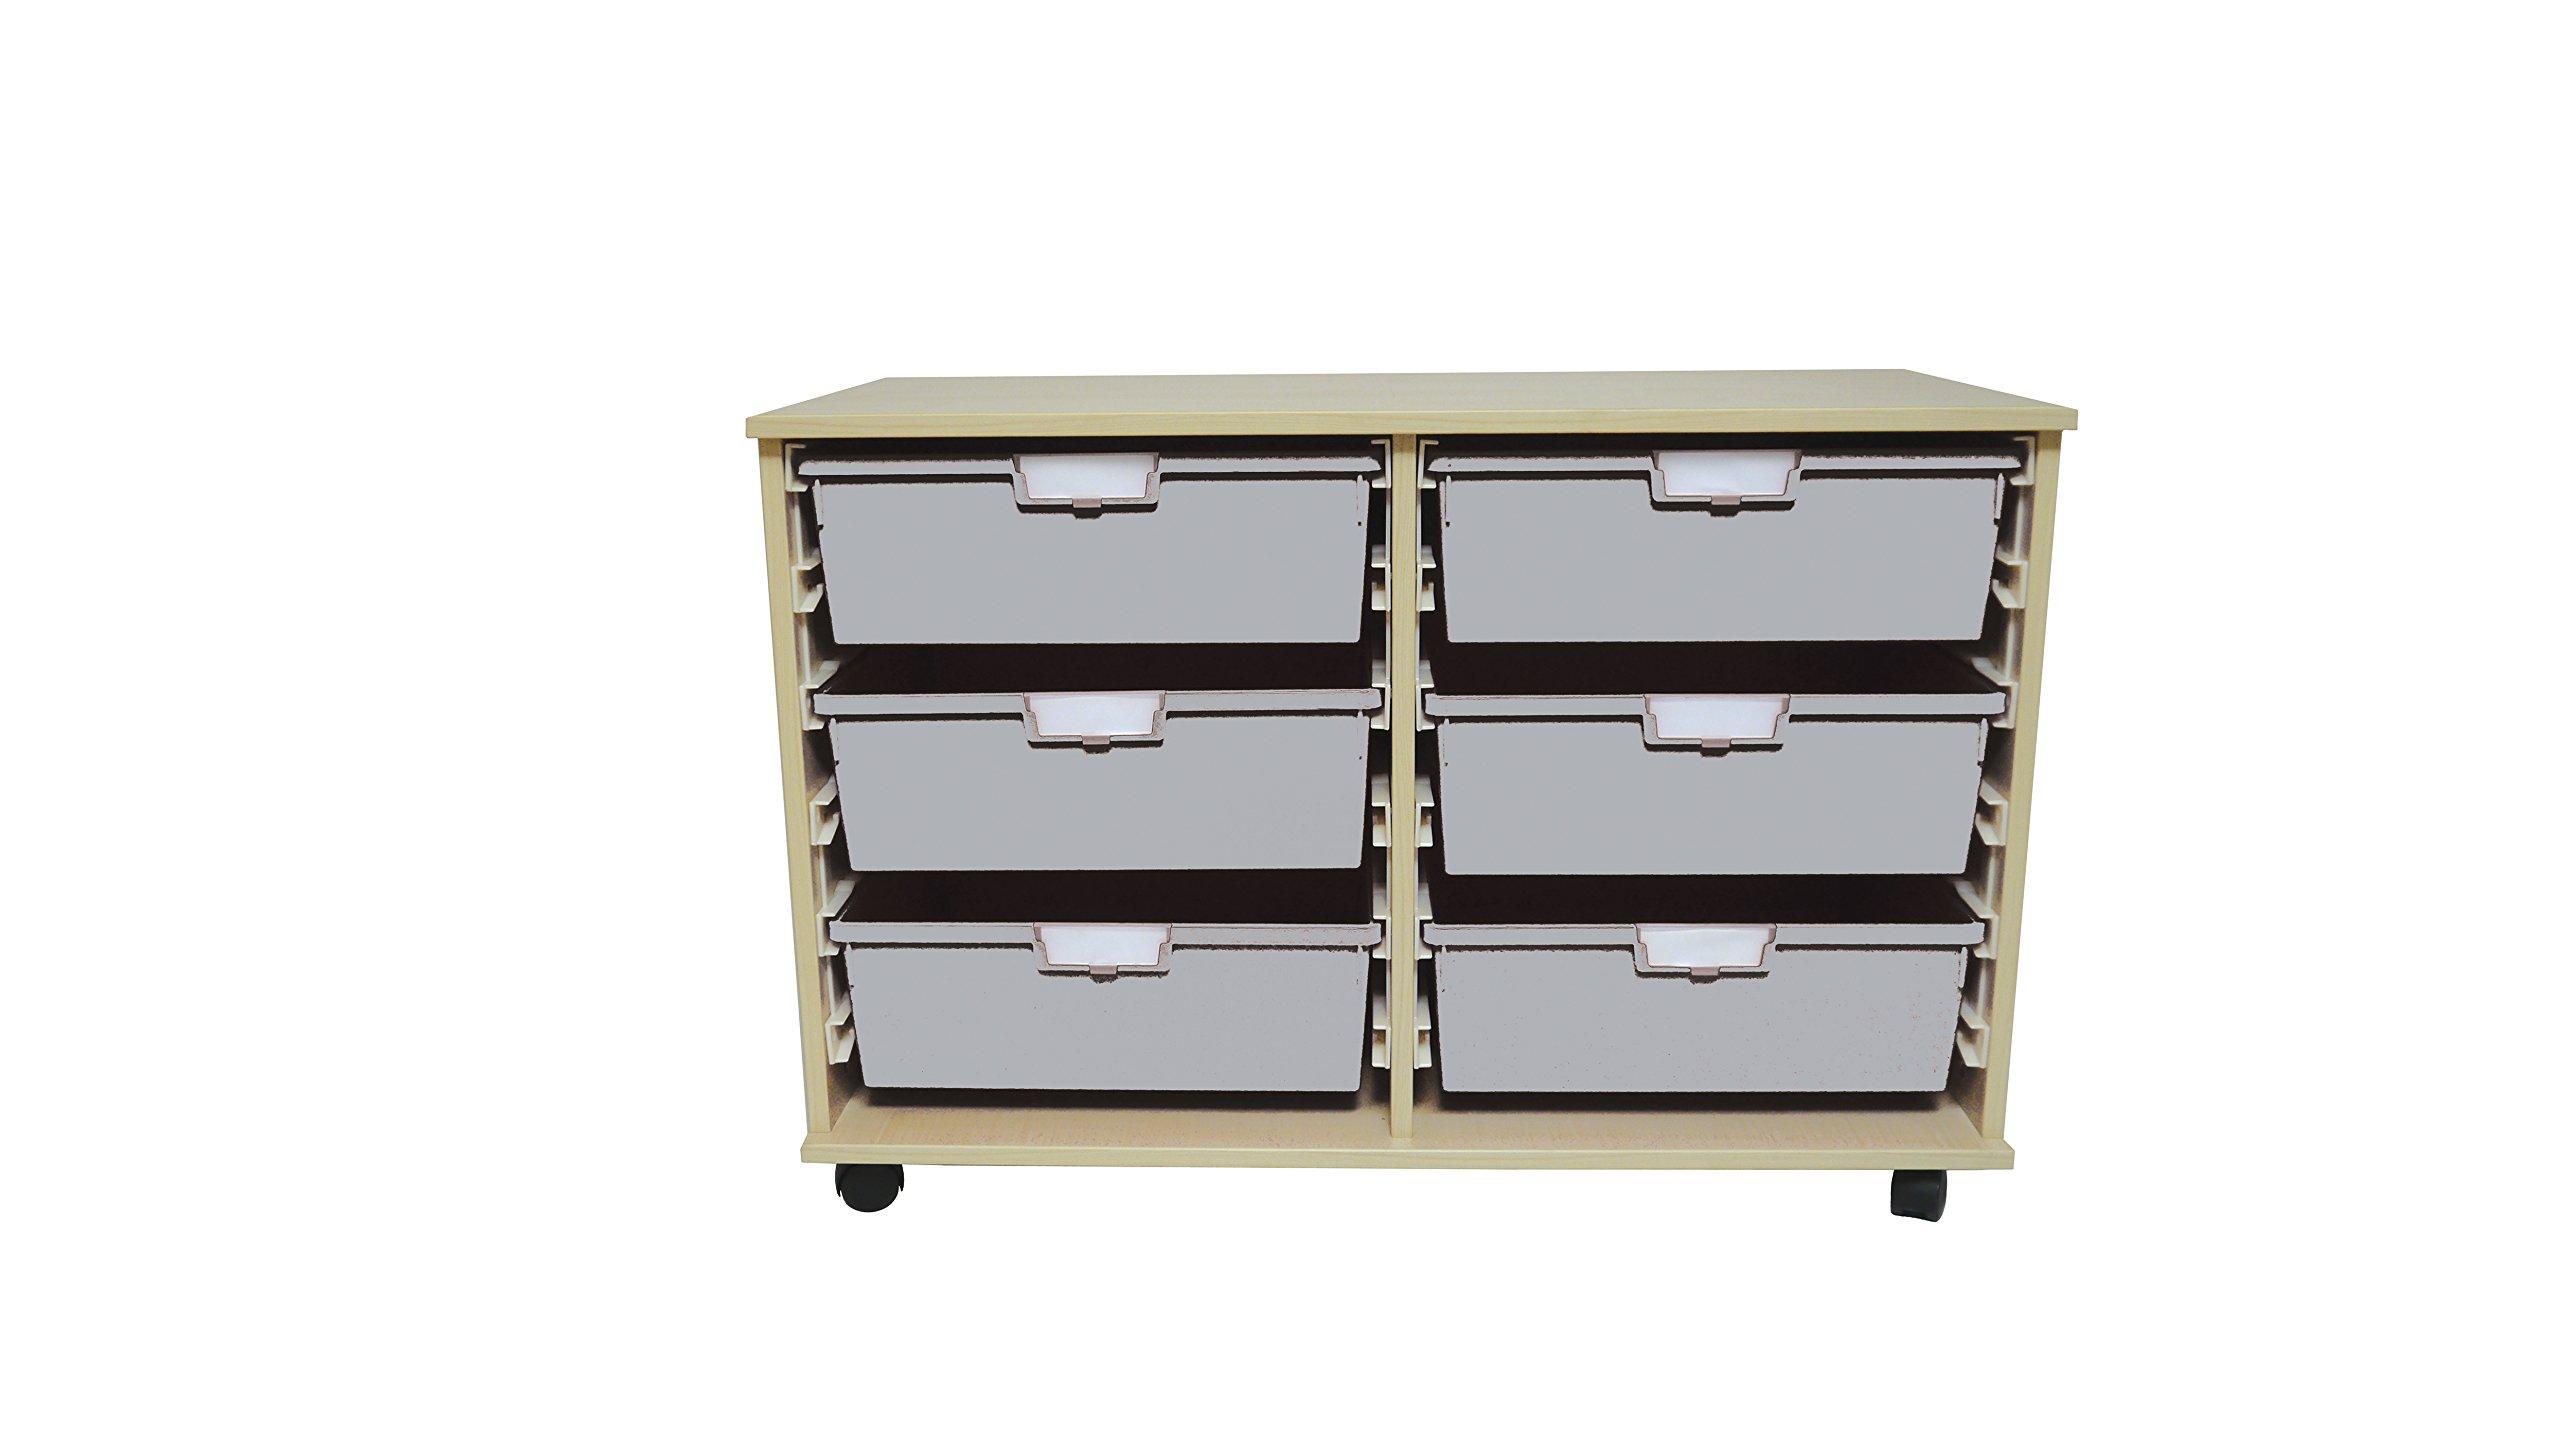 Swift II 'Wide Line' Wood Cart 6 Tray Light Grey